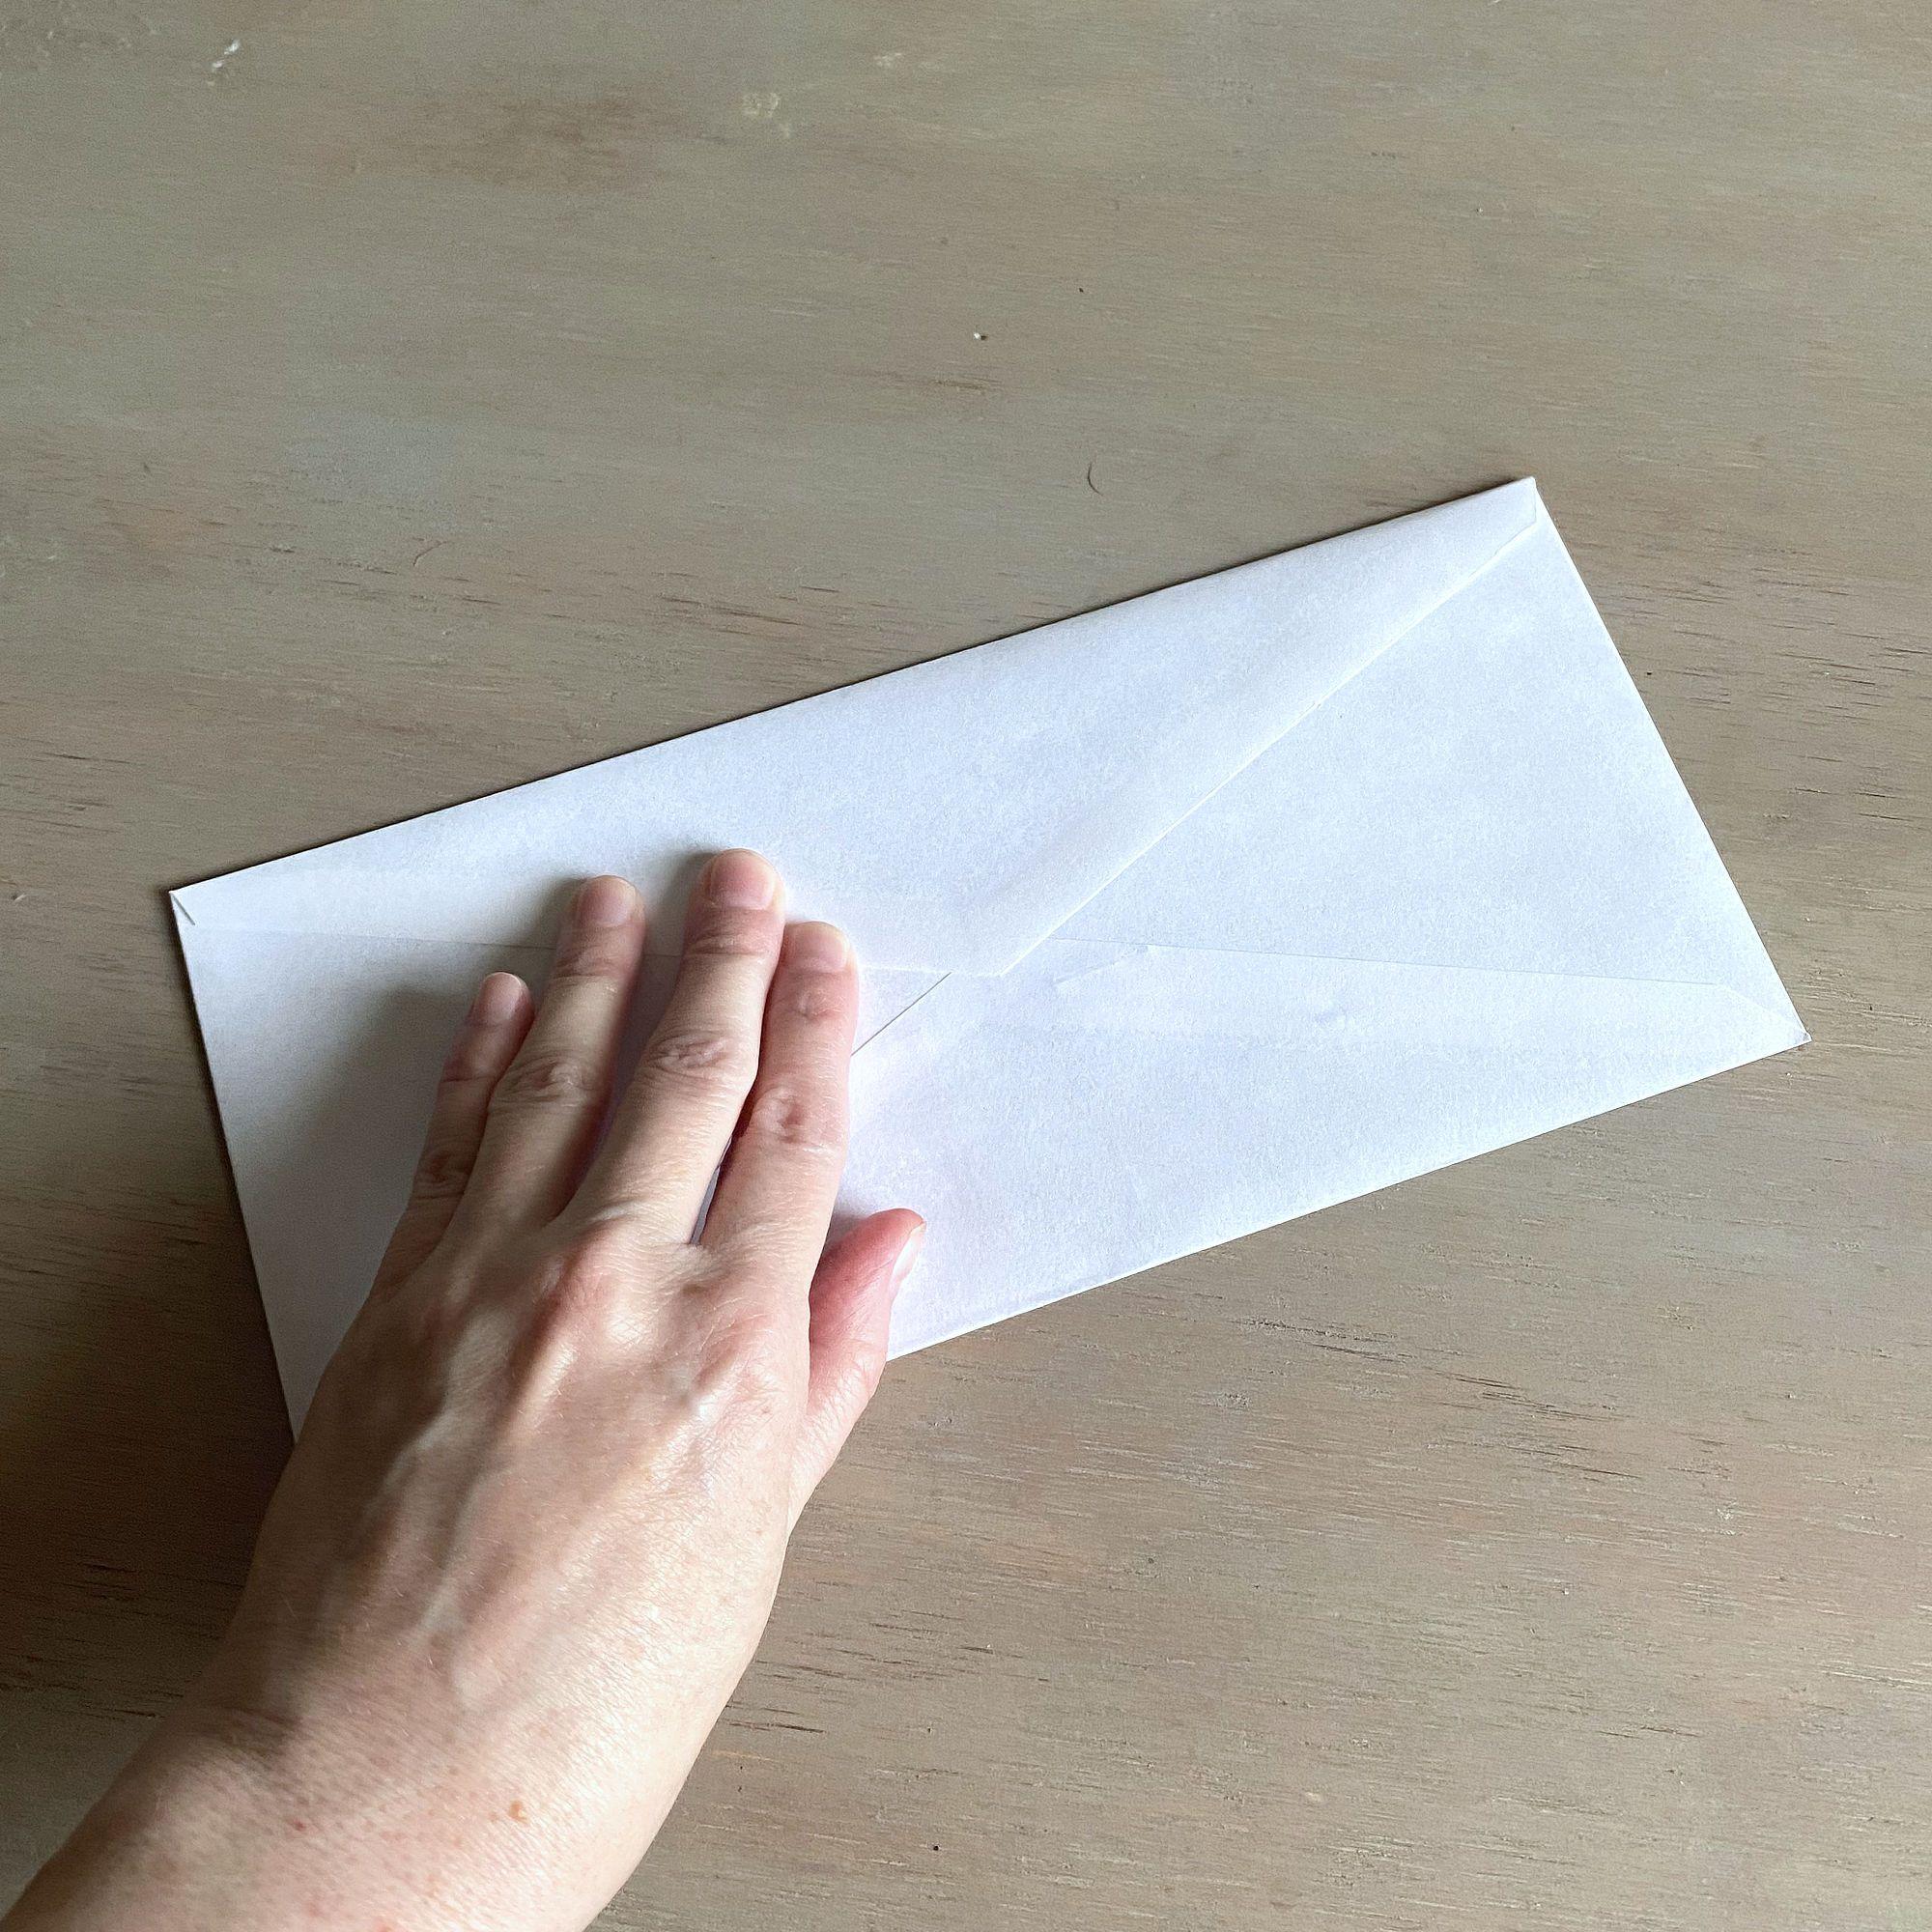 Sealing the envelope